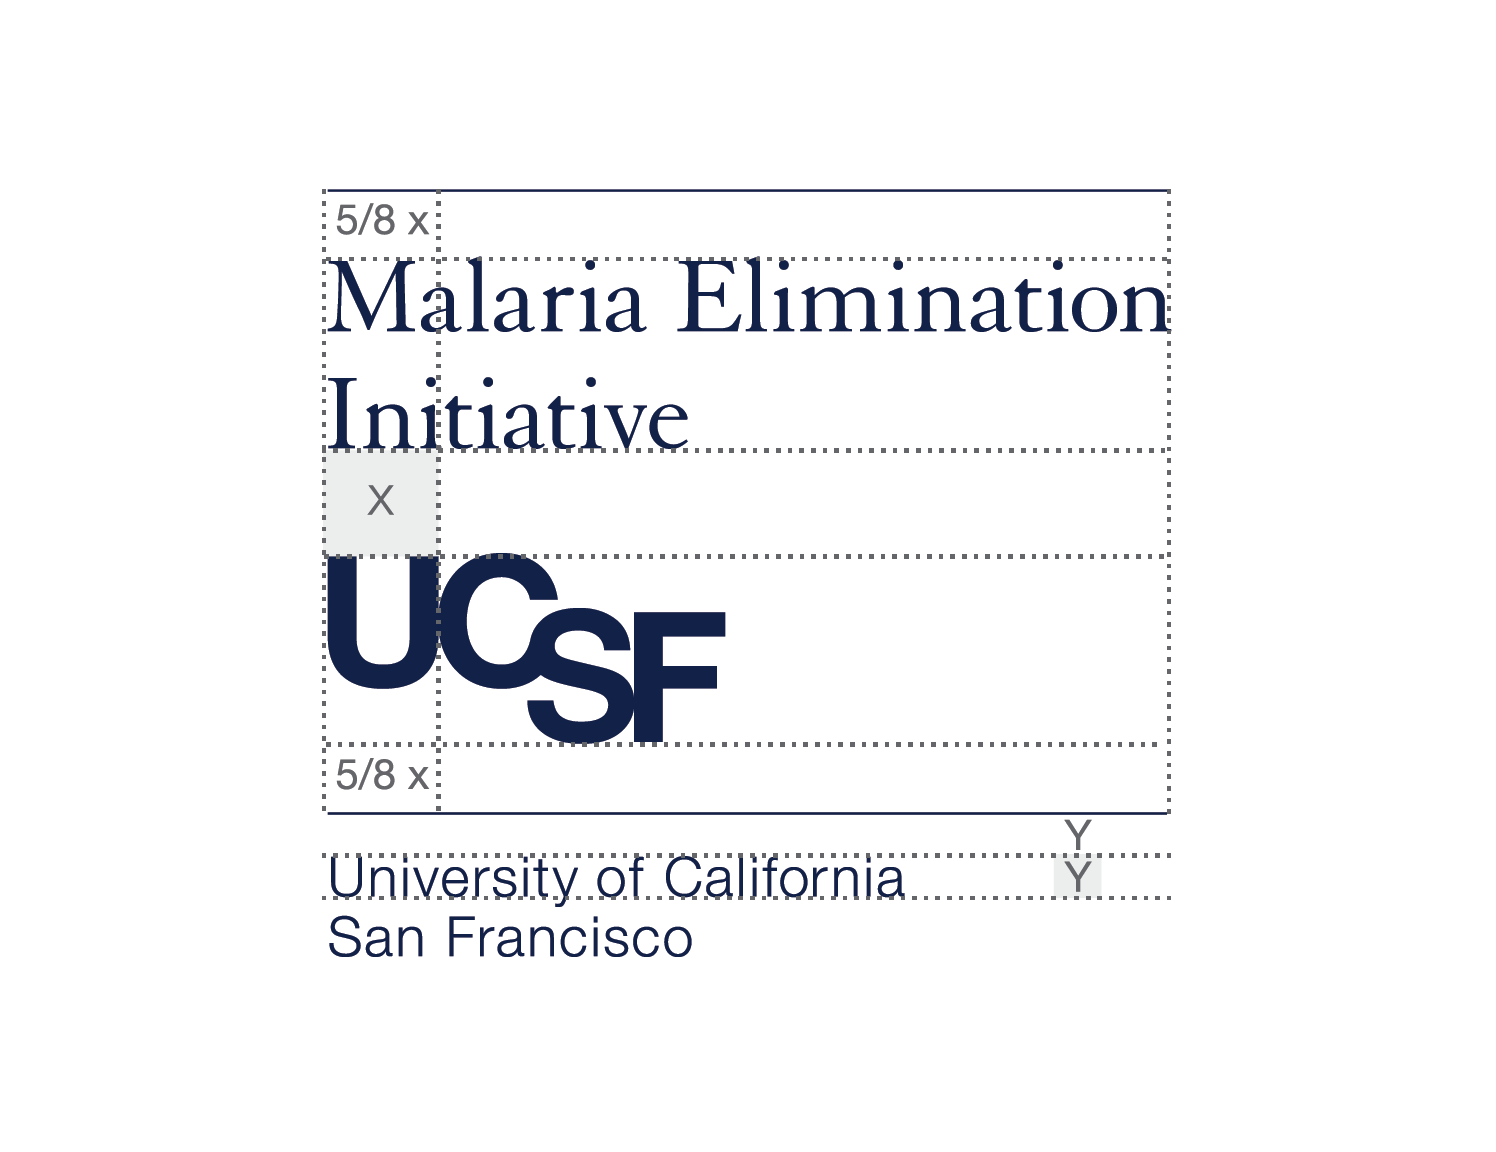 ucsf initiative